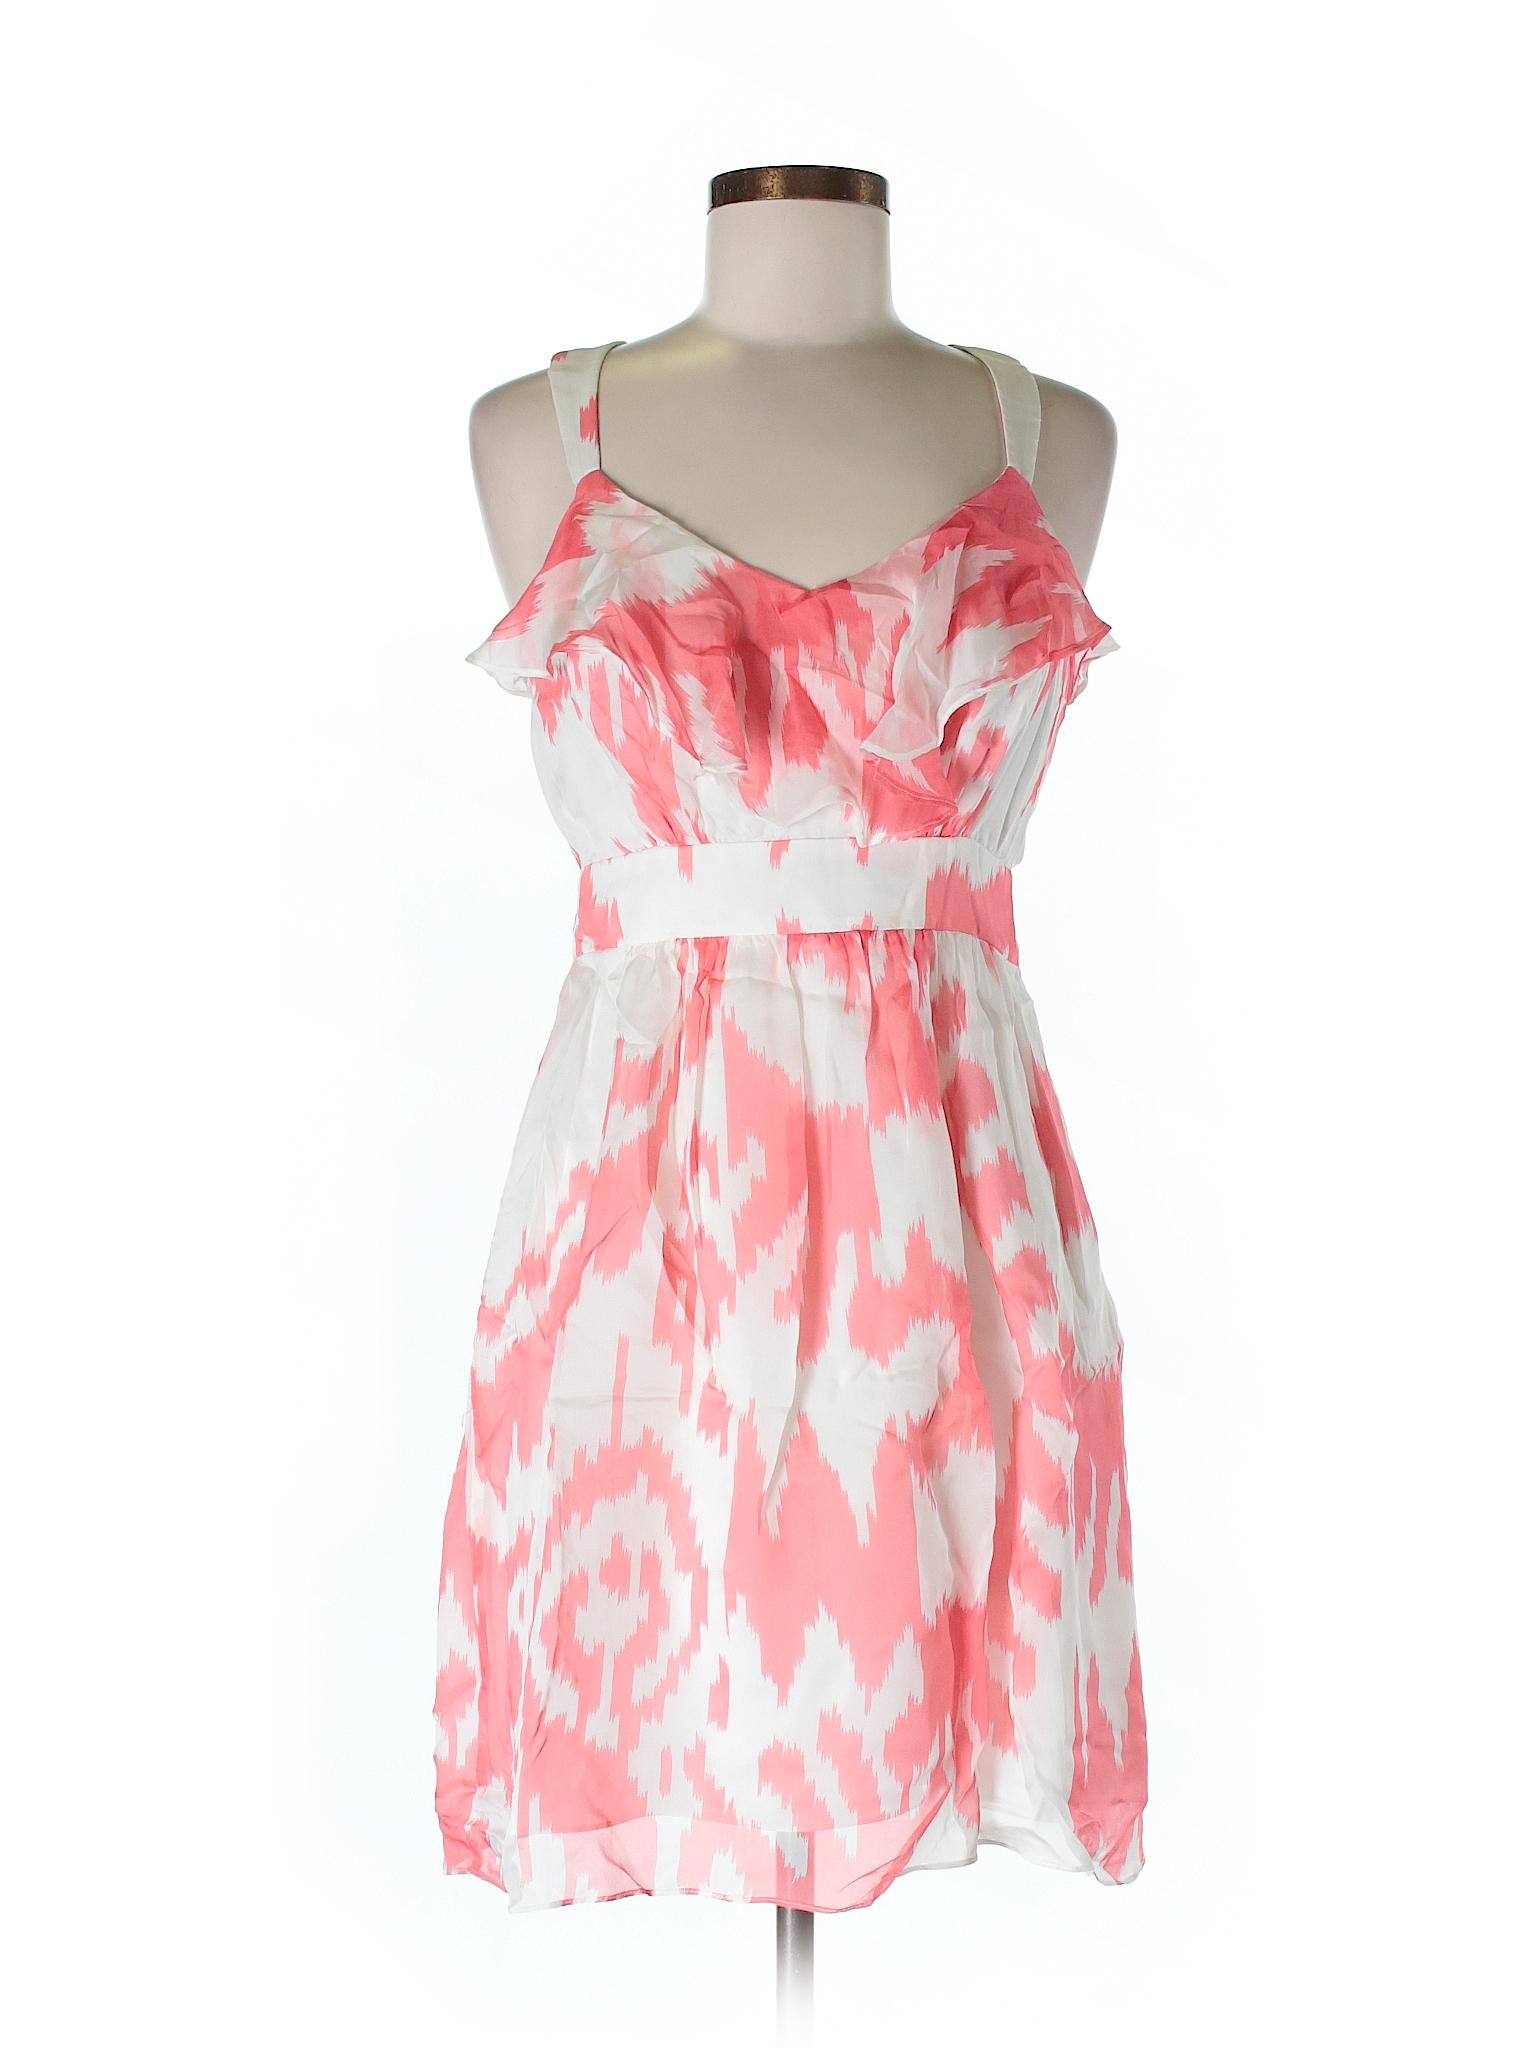 Boutique Dress Shoshanna Casual winter Boutique Shoshanna winter winter Dress Casual Casual Shoshanna Dress Boutique Boutique CT4qSAw